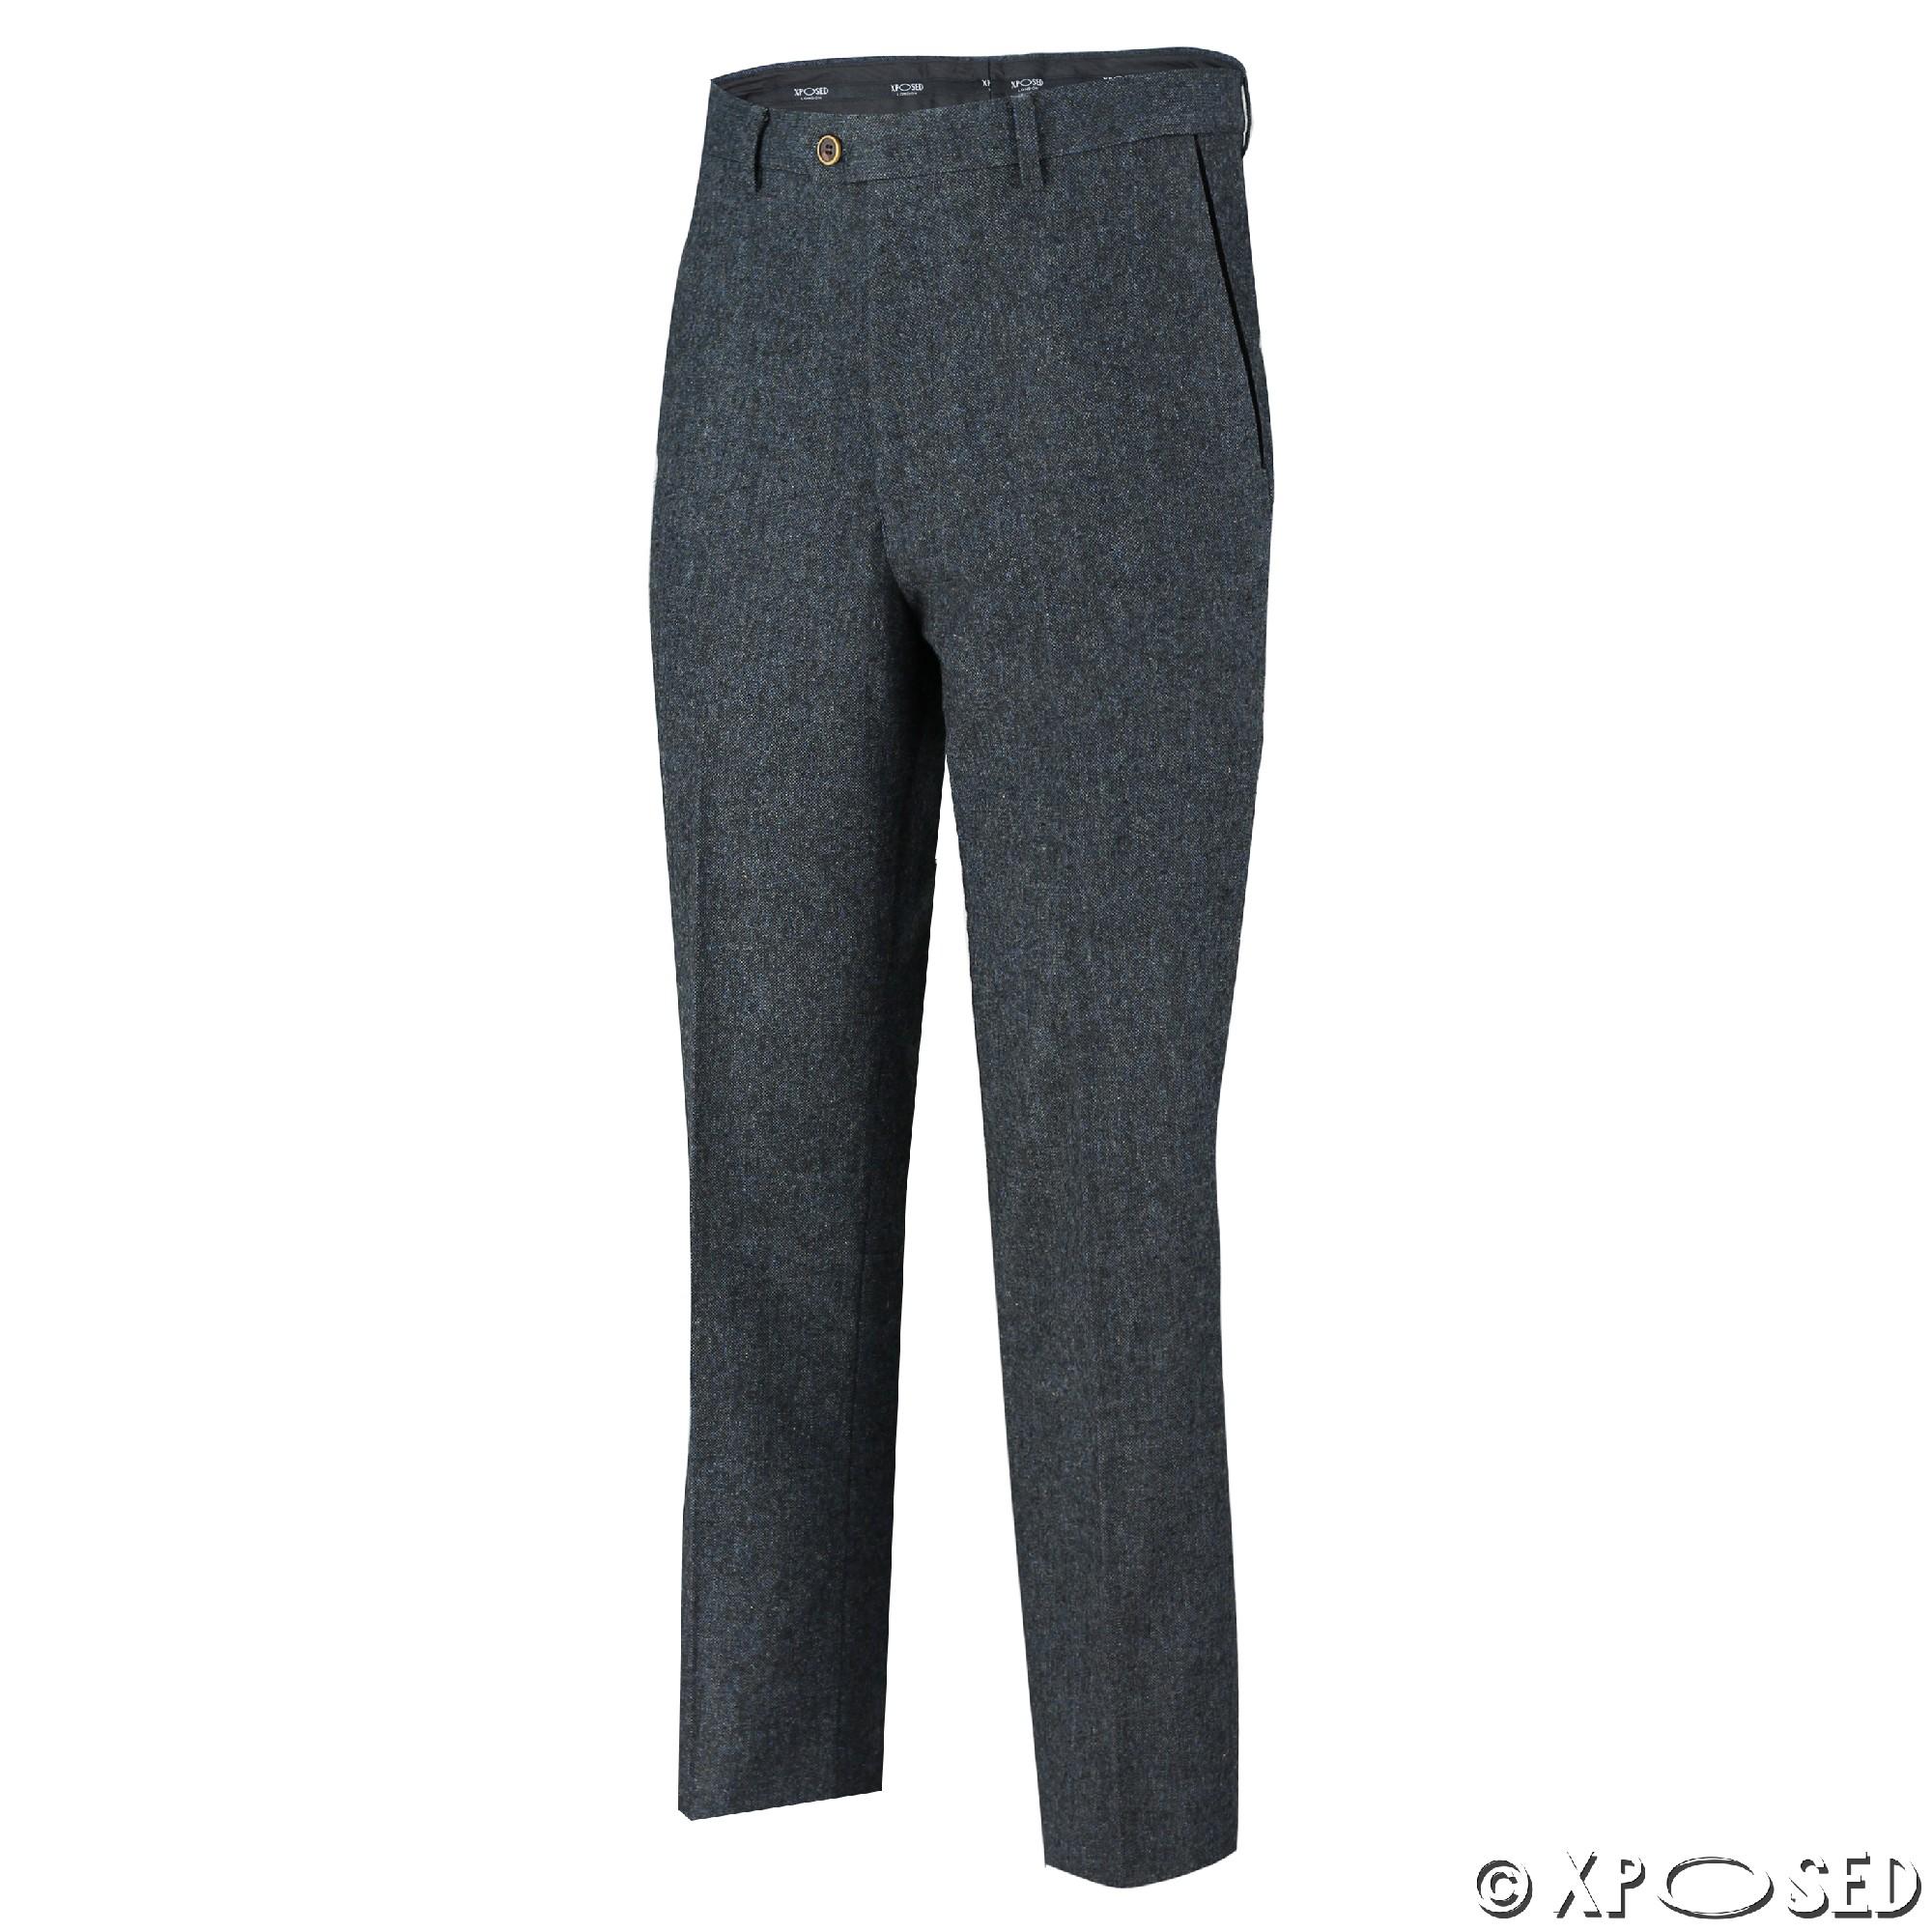 Mens Tweed Trousers Vintage Herringbone Checks Velvet Slim Fit Formal Suit Pants   EBay